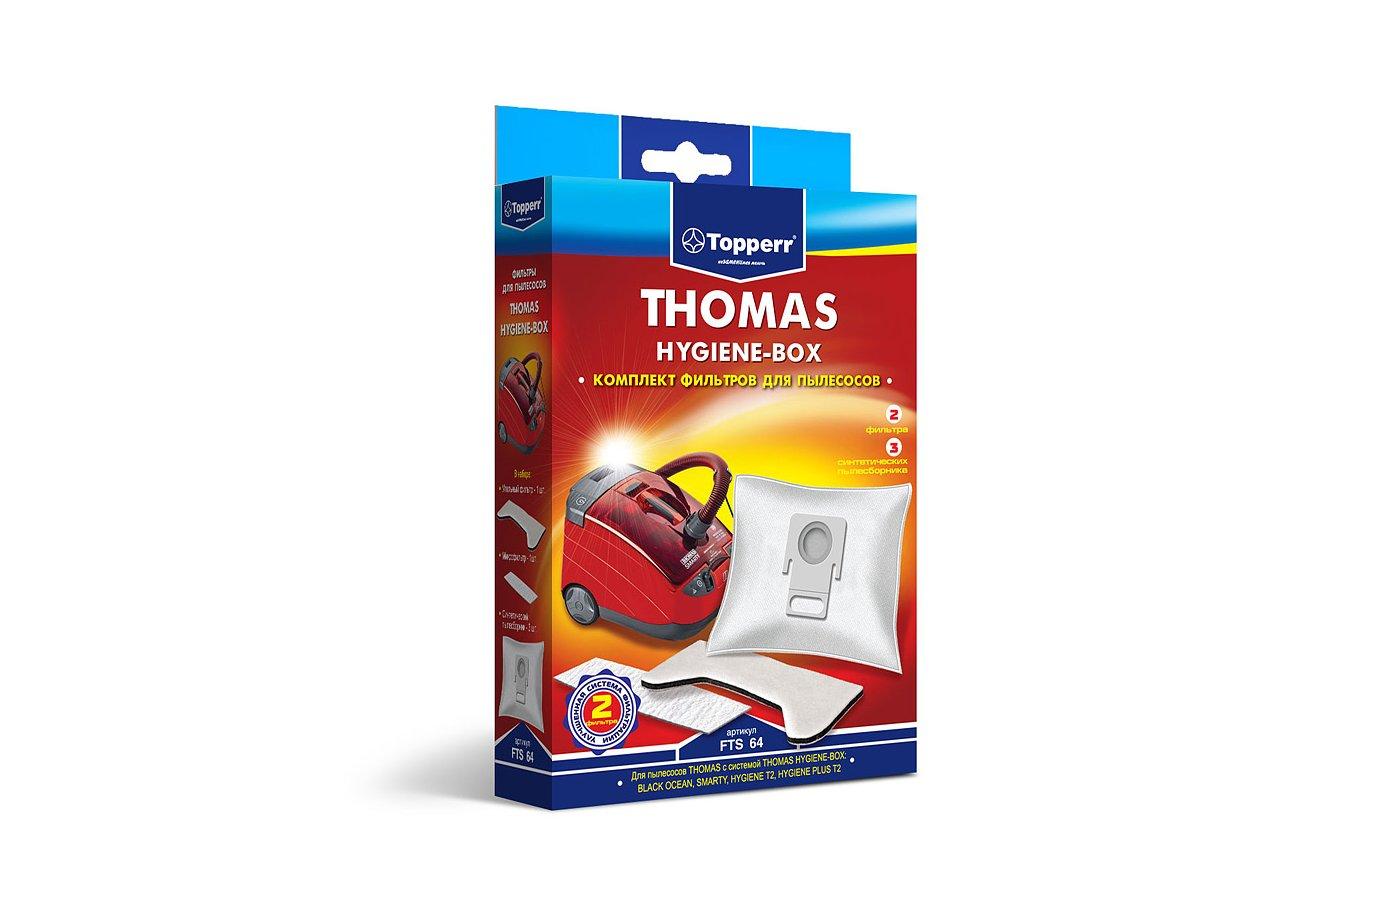 Фильтр для пылесоса TOPPERR 1135 FTS 64 Topperr комплект фильтров д/пылесосов Thomas HYGIENE-BOX